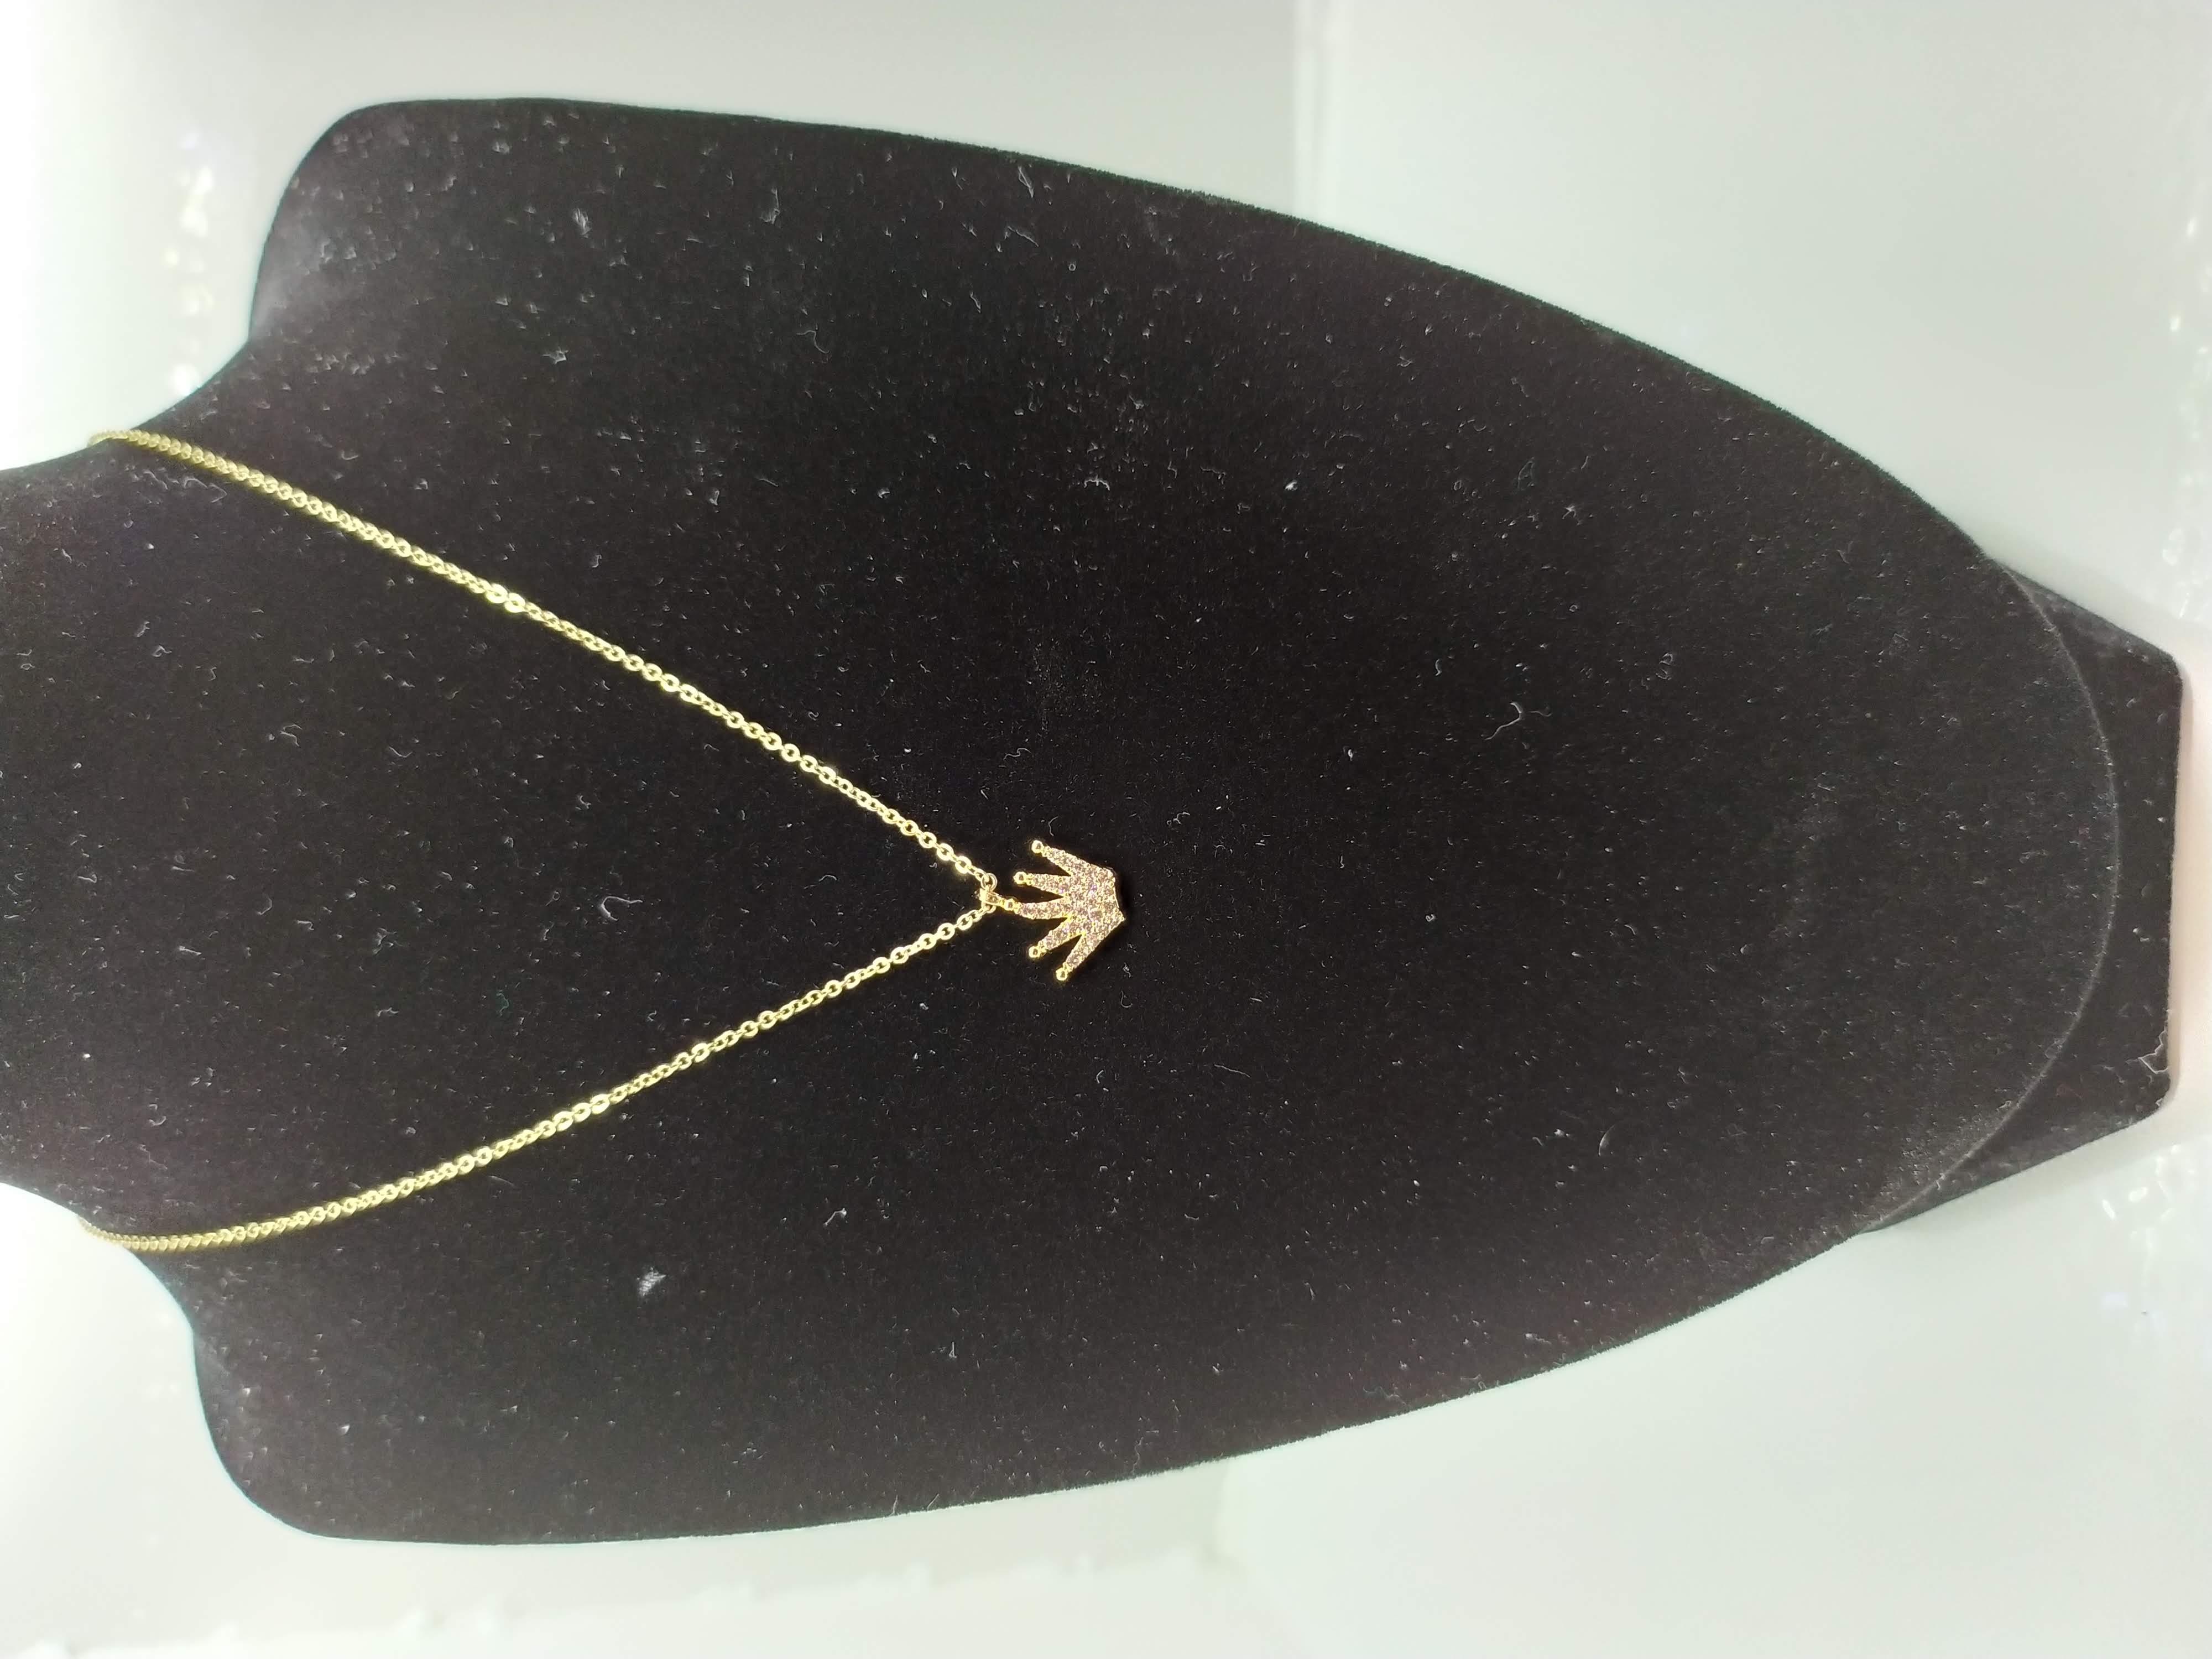 قلادة مطلية بالذهب مع الزركون الممتاز. لا يسبب الحساسية ، لا تغميق / Gold plated necklace with premium zircon. does not cause allergies, does not darken_22